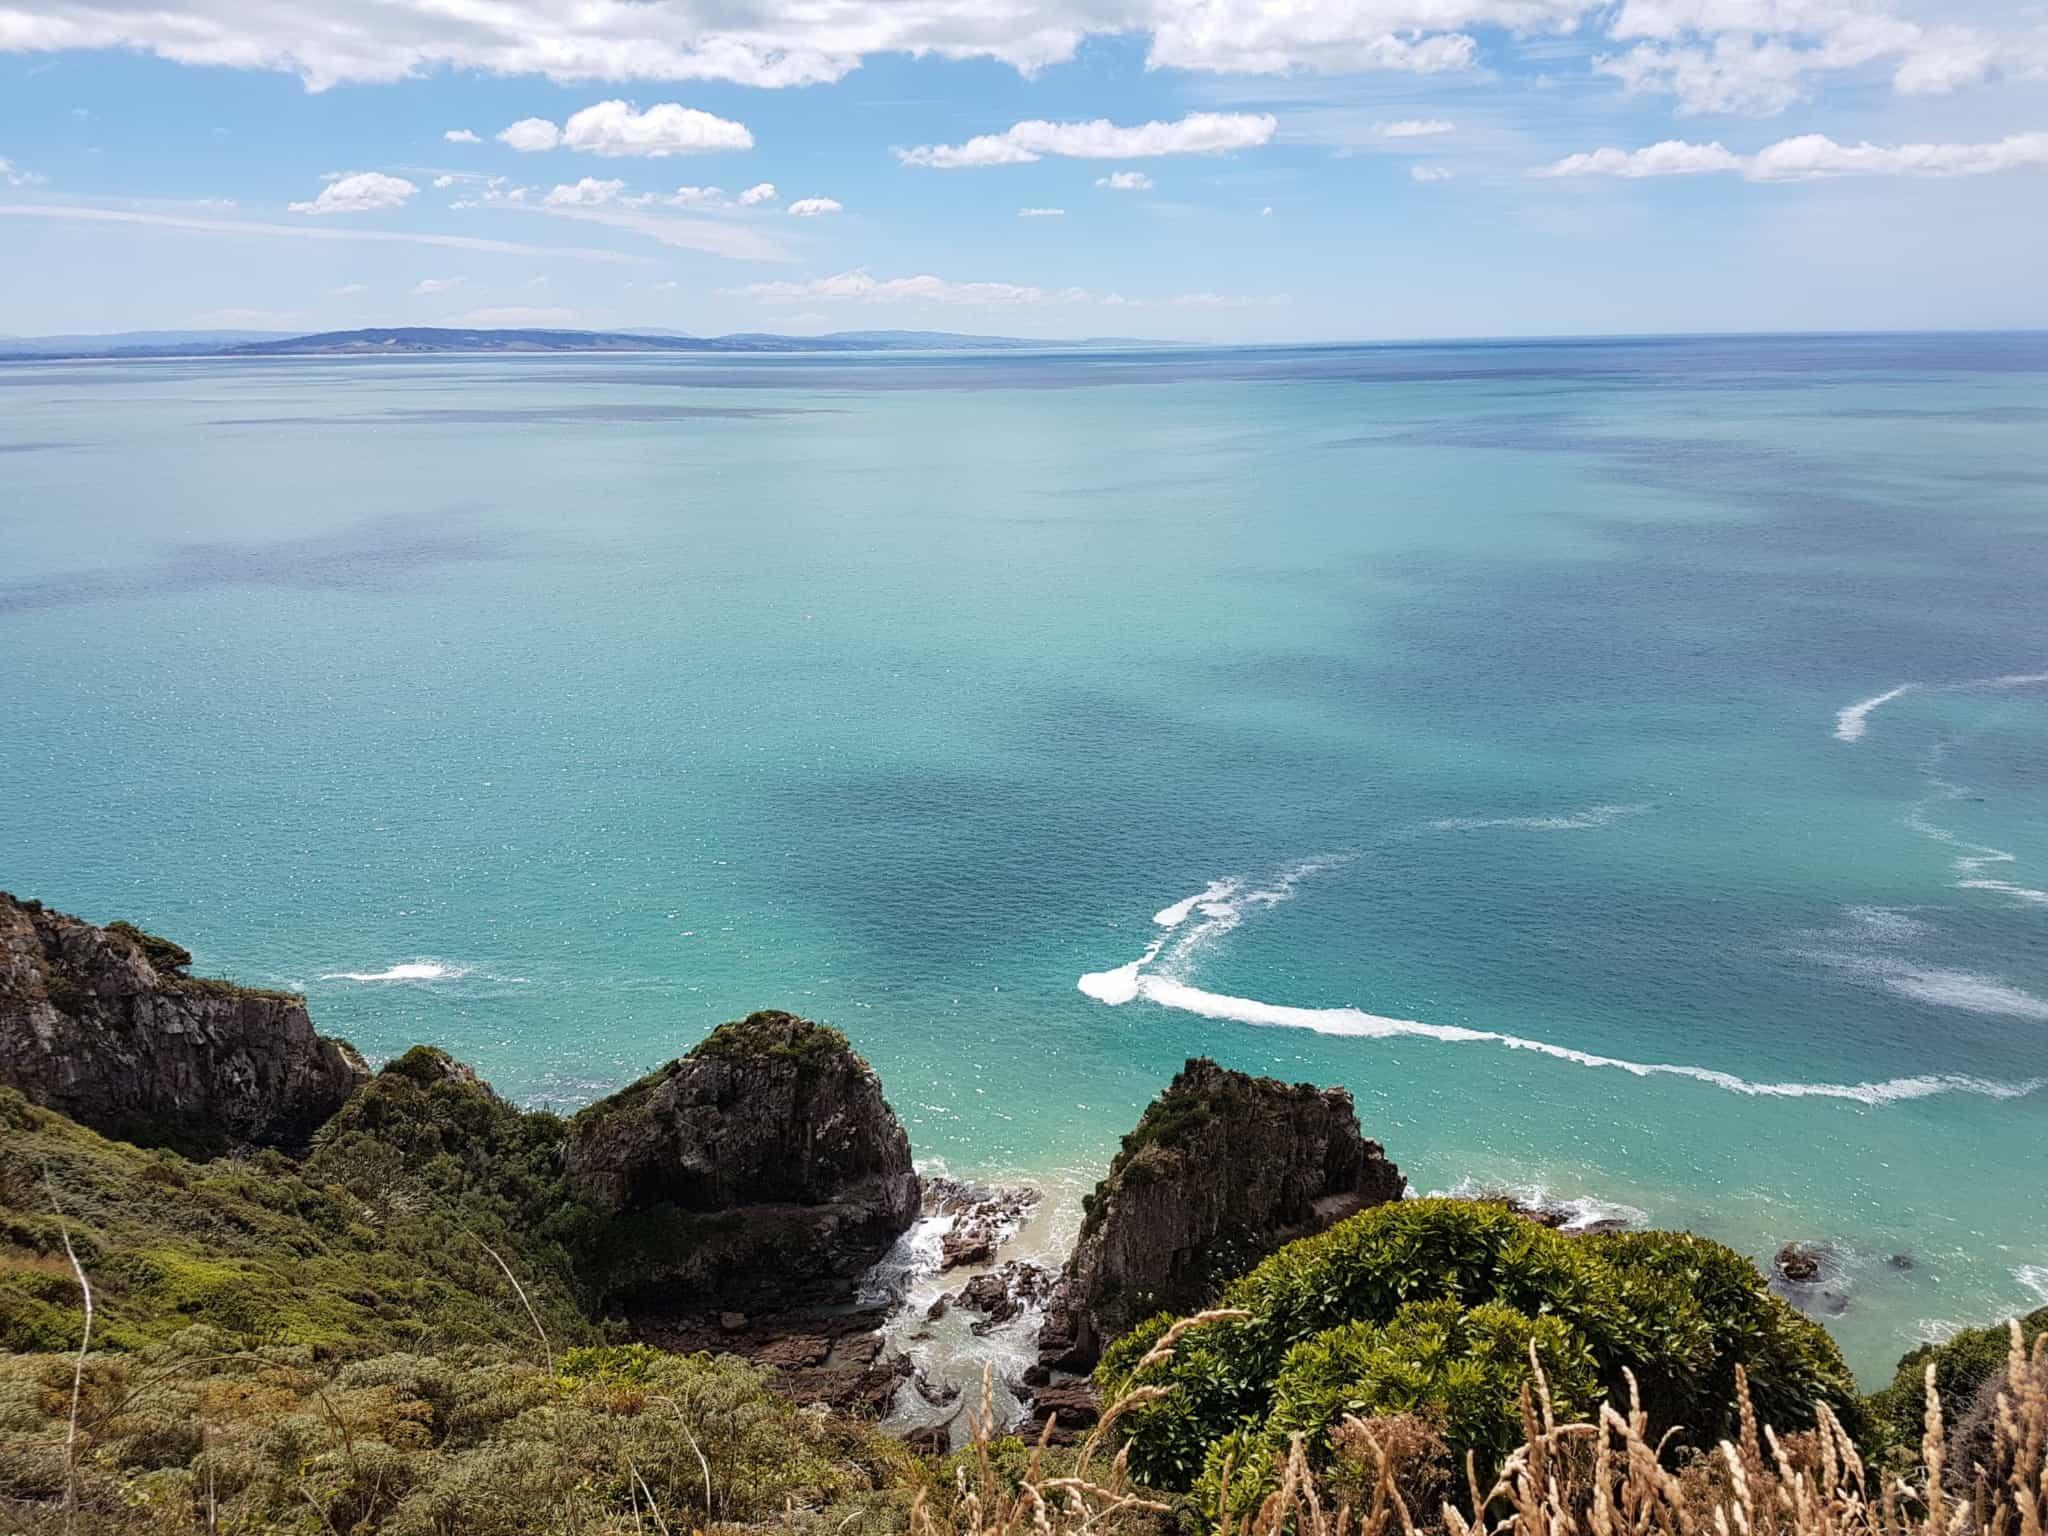 Nouvelle-Zélande, rencontre avec les pingouins aux yeux jaunes 🐧 17